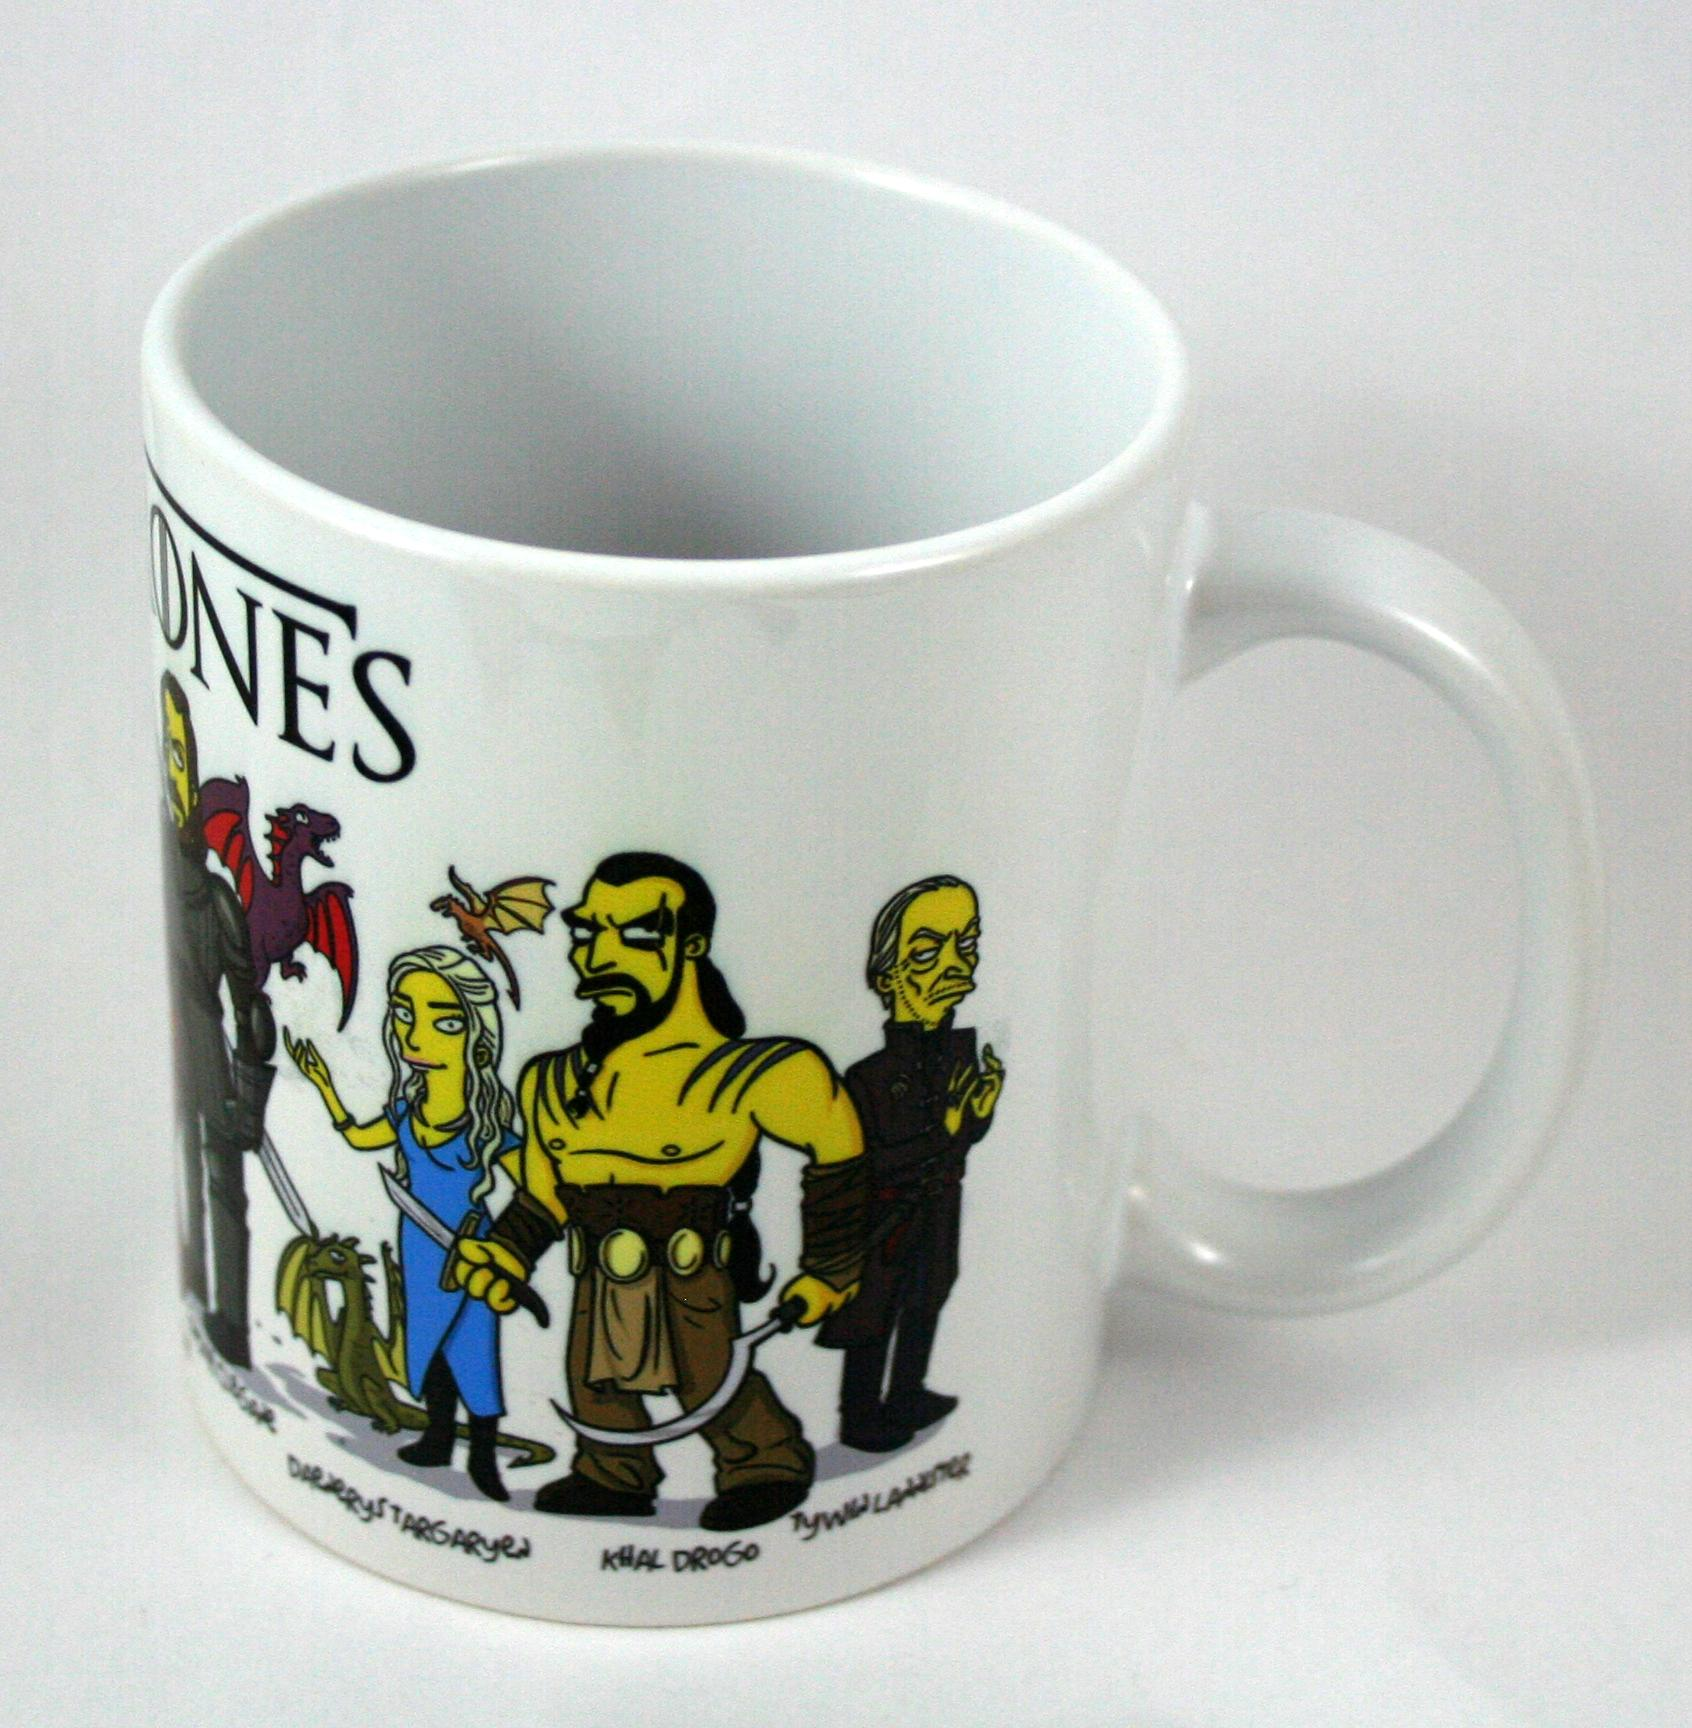 Taza y Llavero Juego de Tronos Simpsons